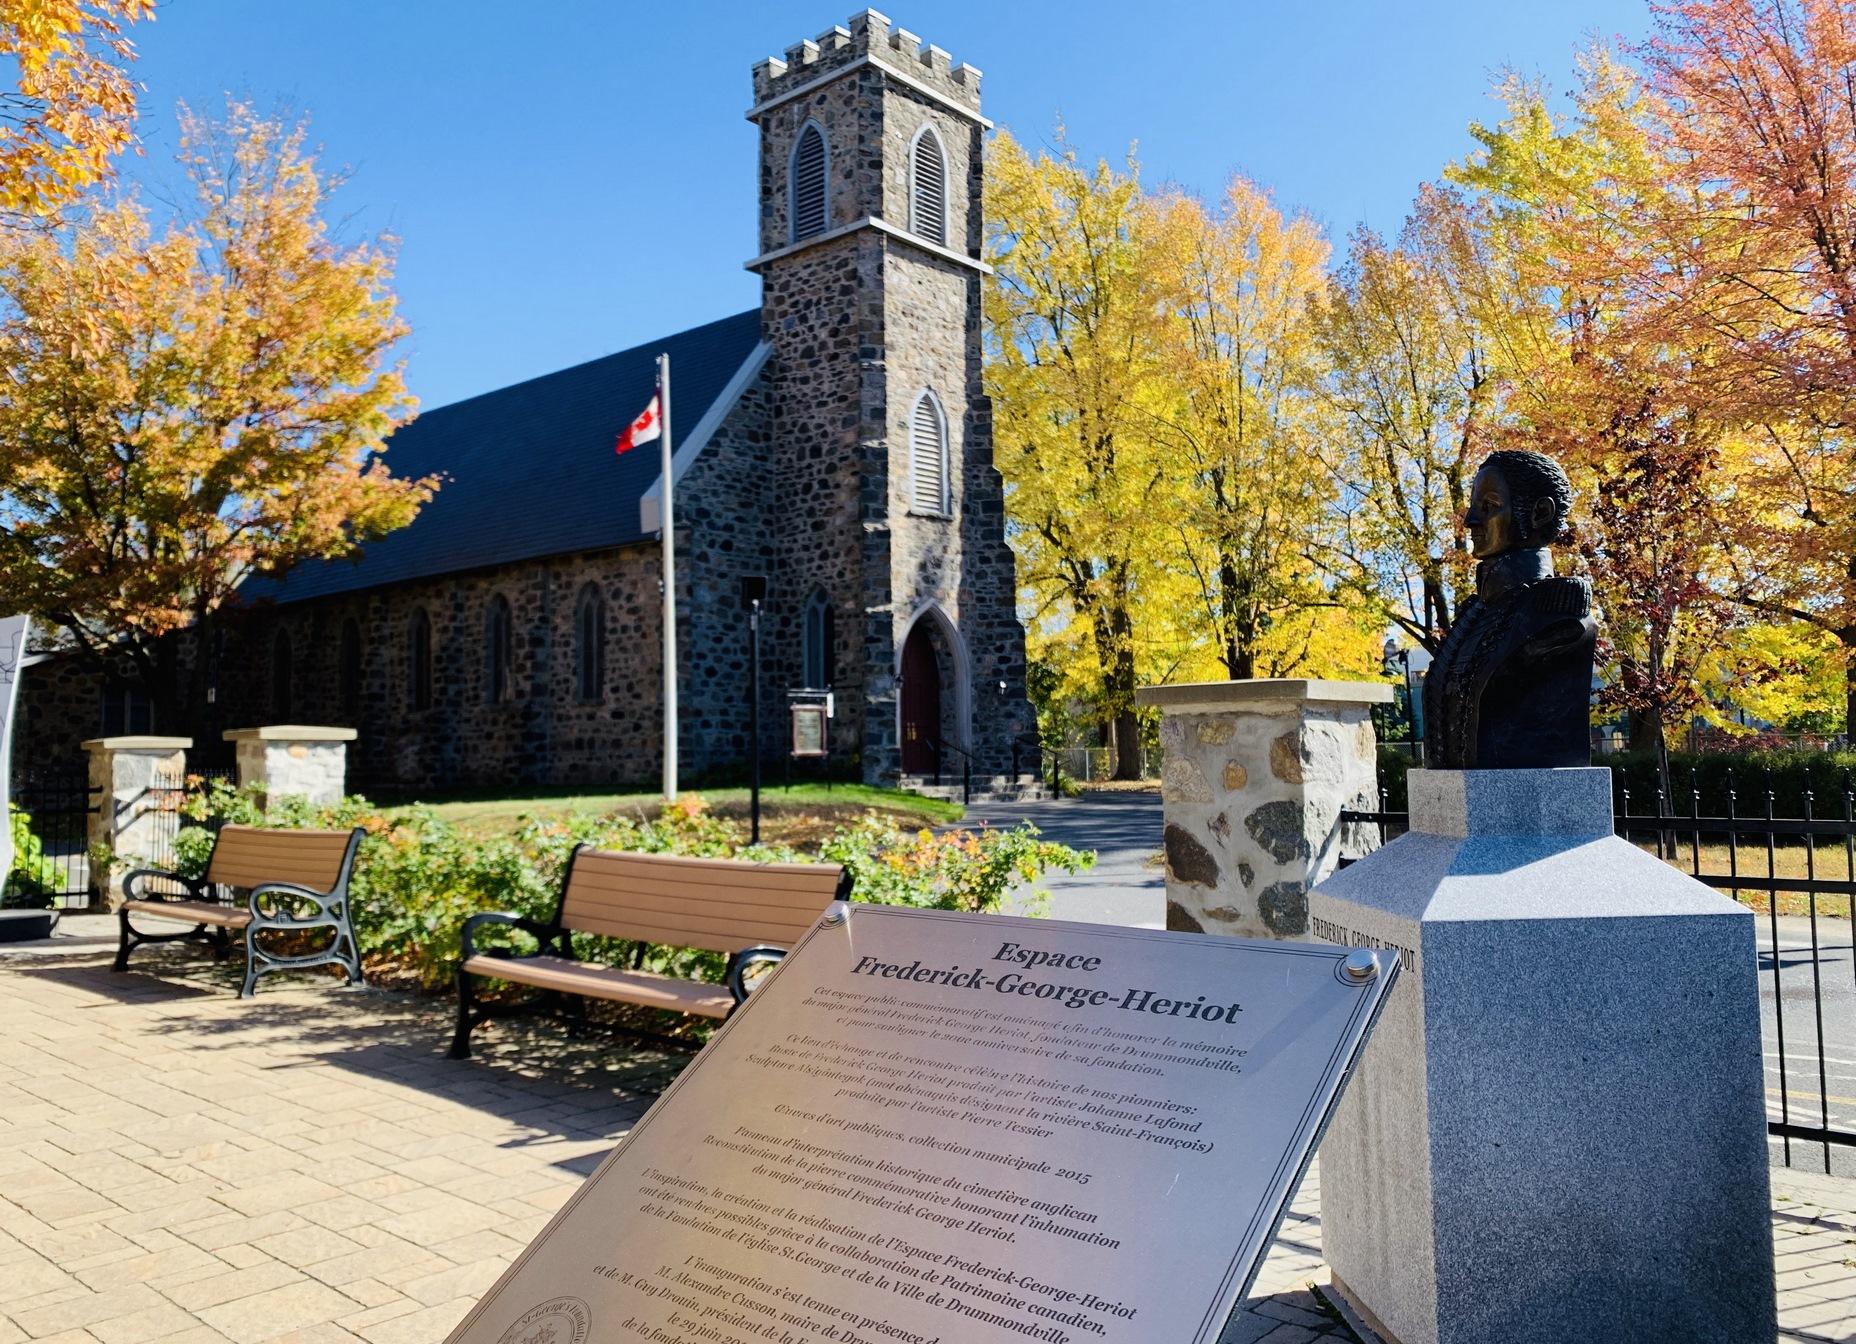 Eglise St. George